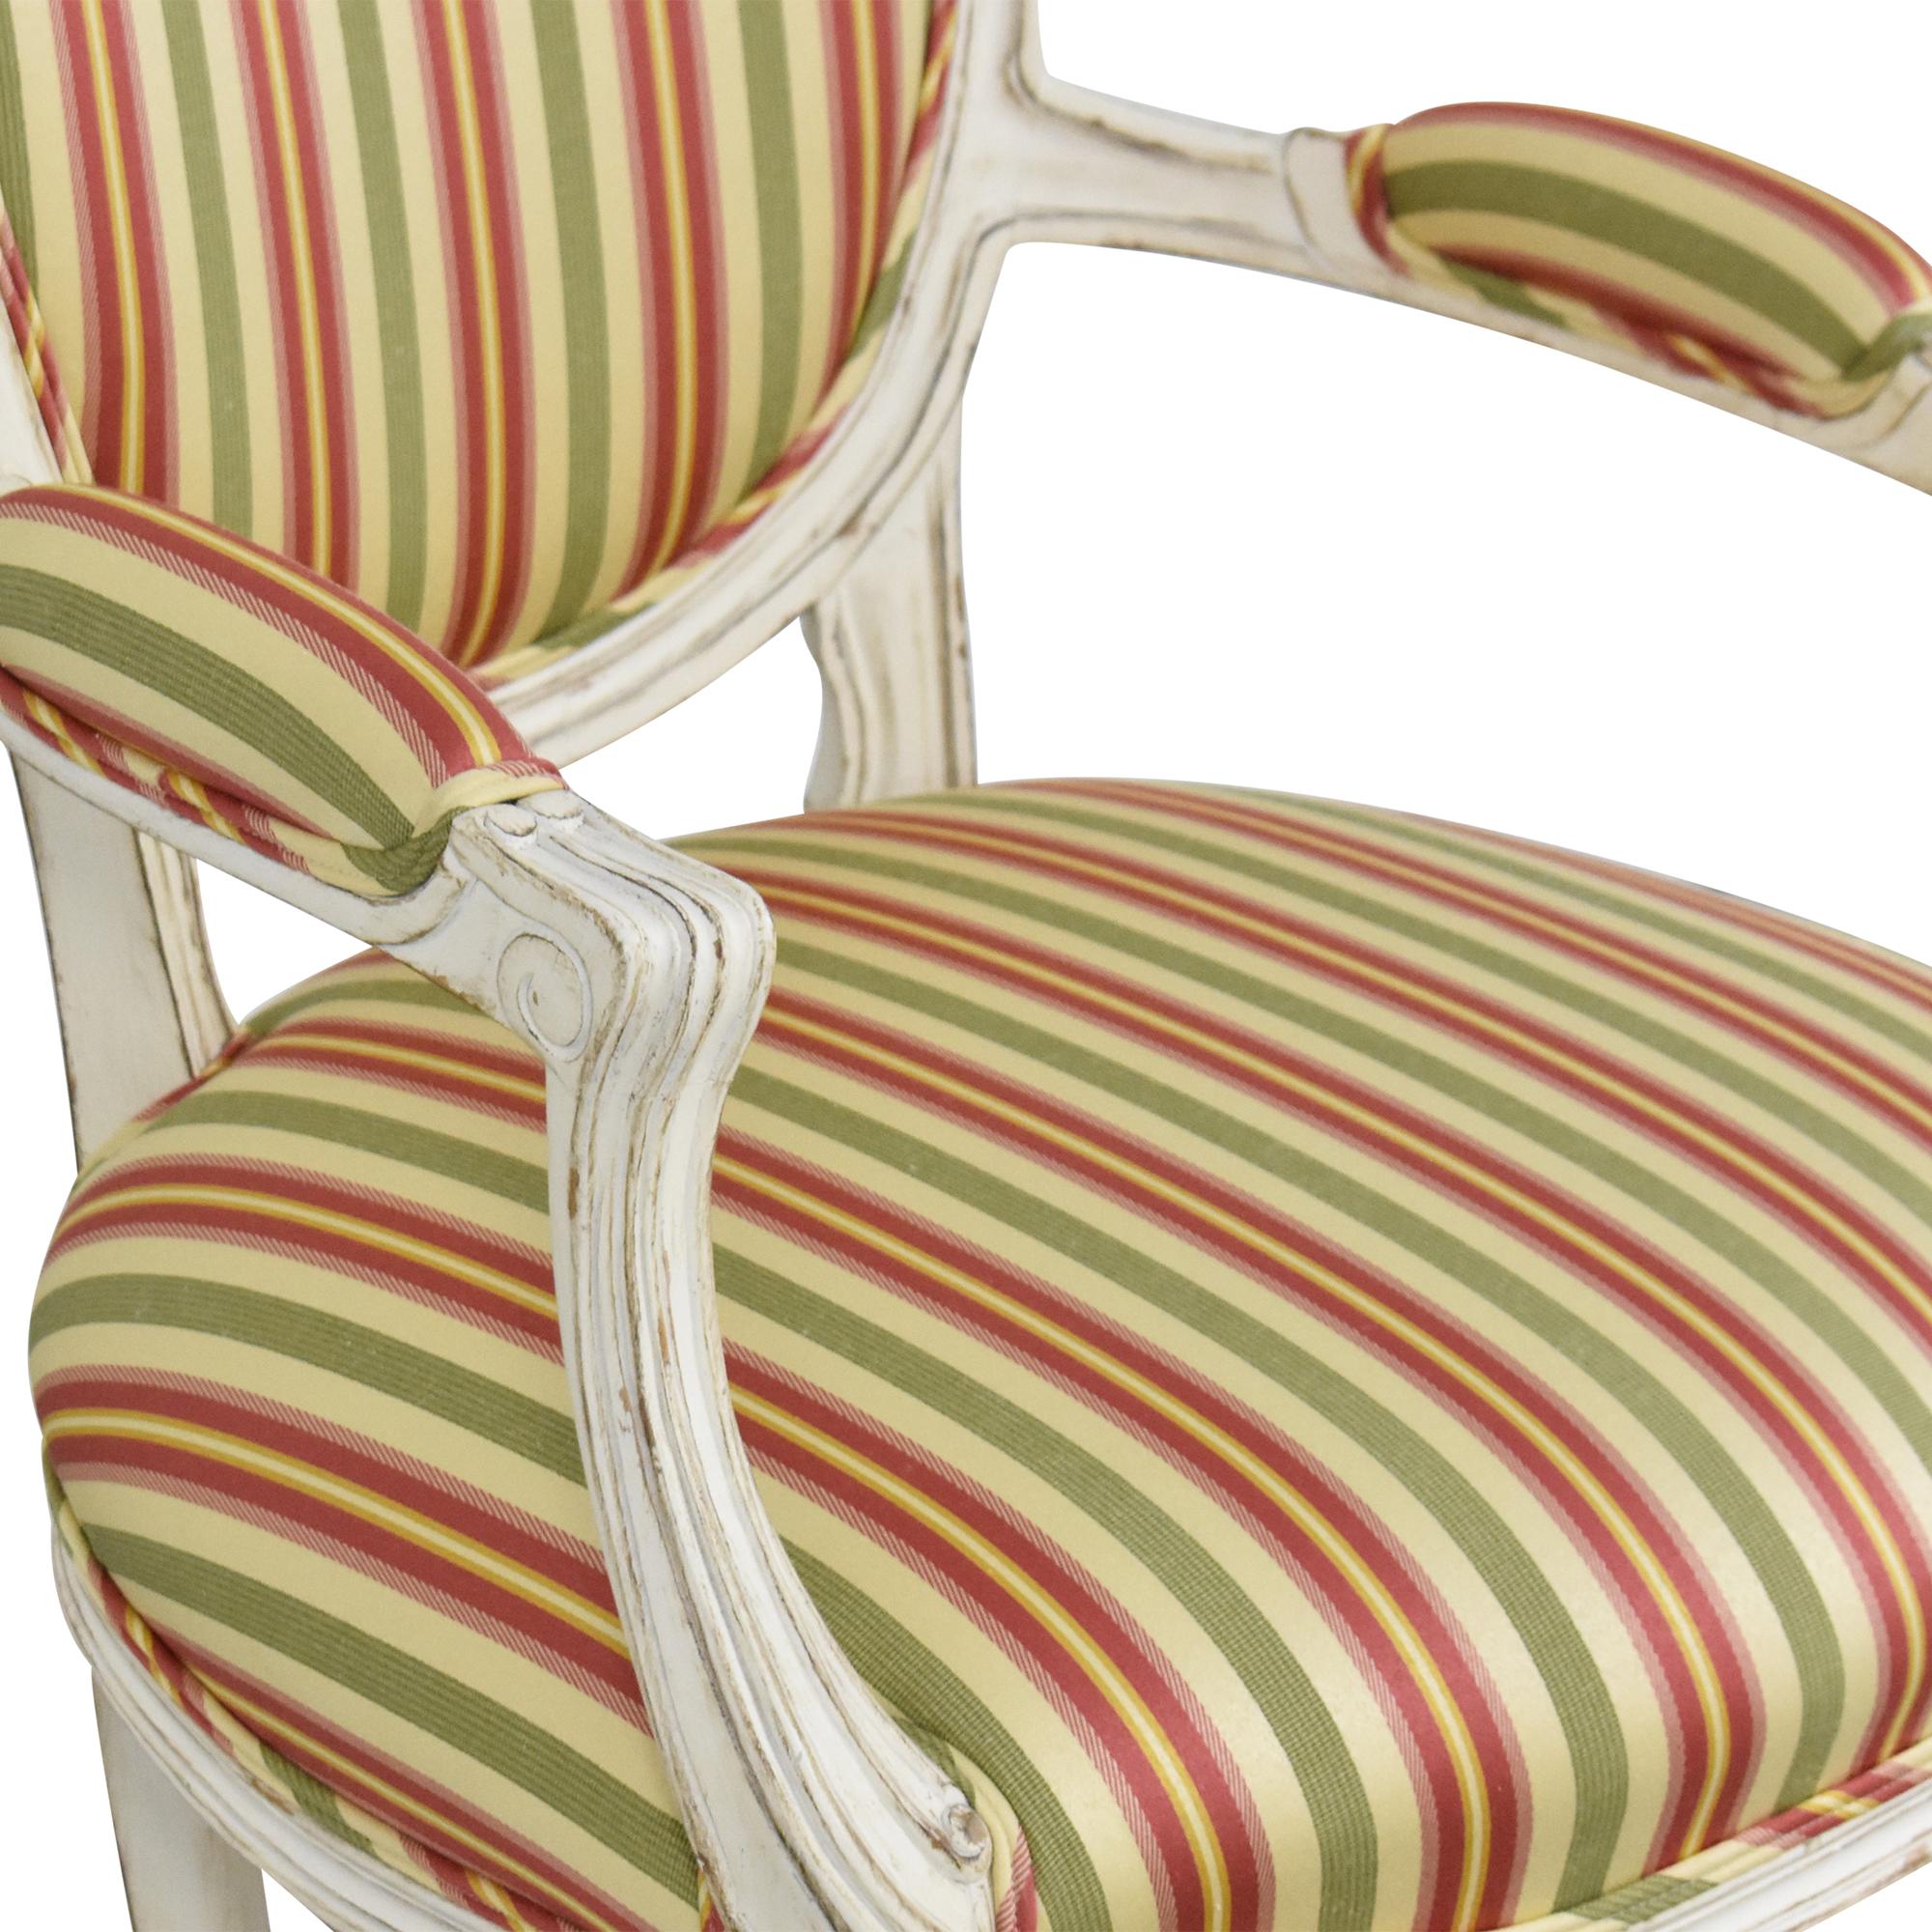 Pearson Pearson Queen Anne Striped Chair Accent Chairs